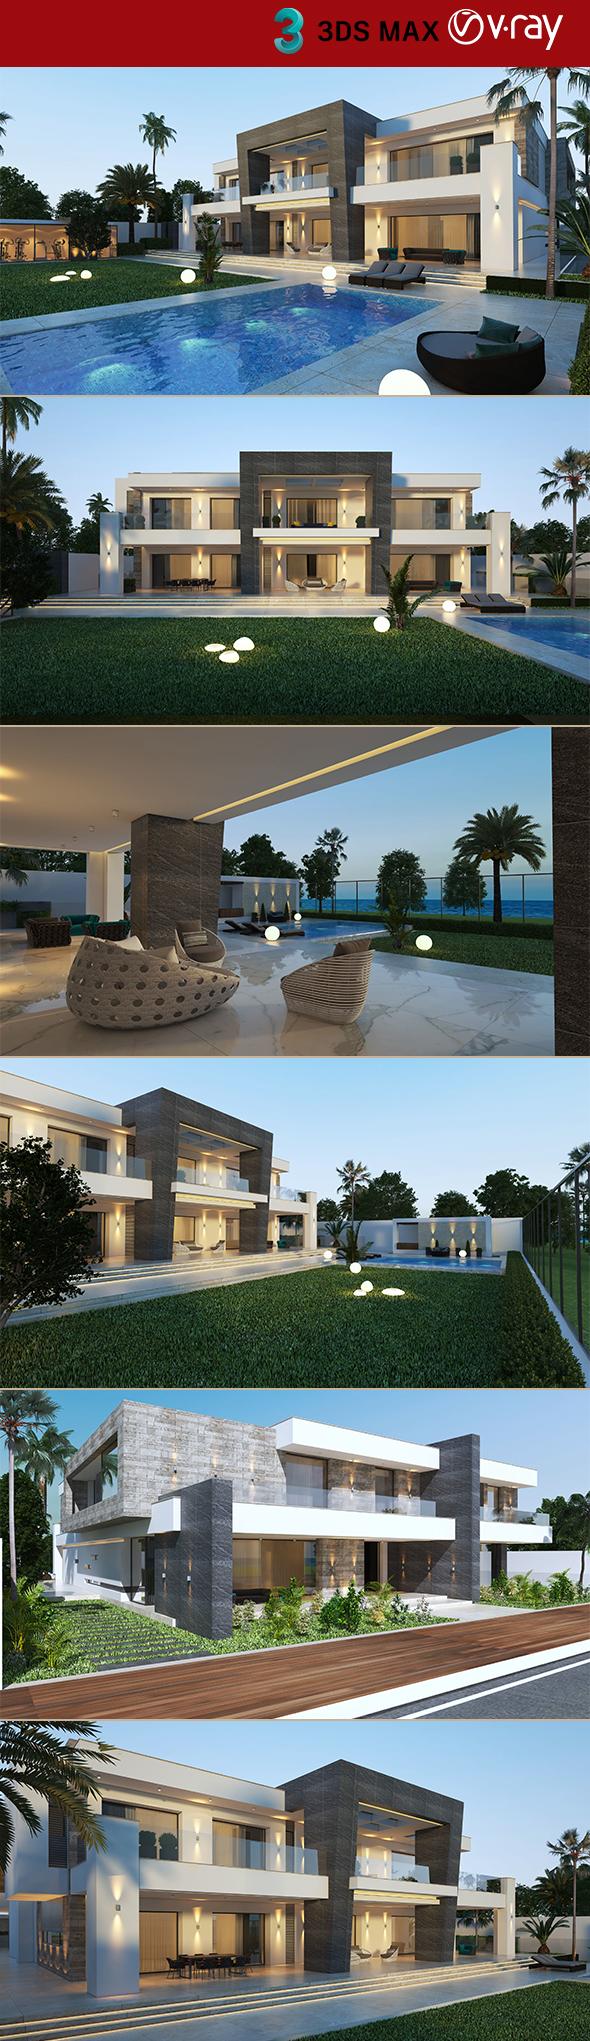 Private Villa Exterior Scene